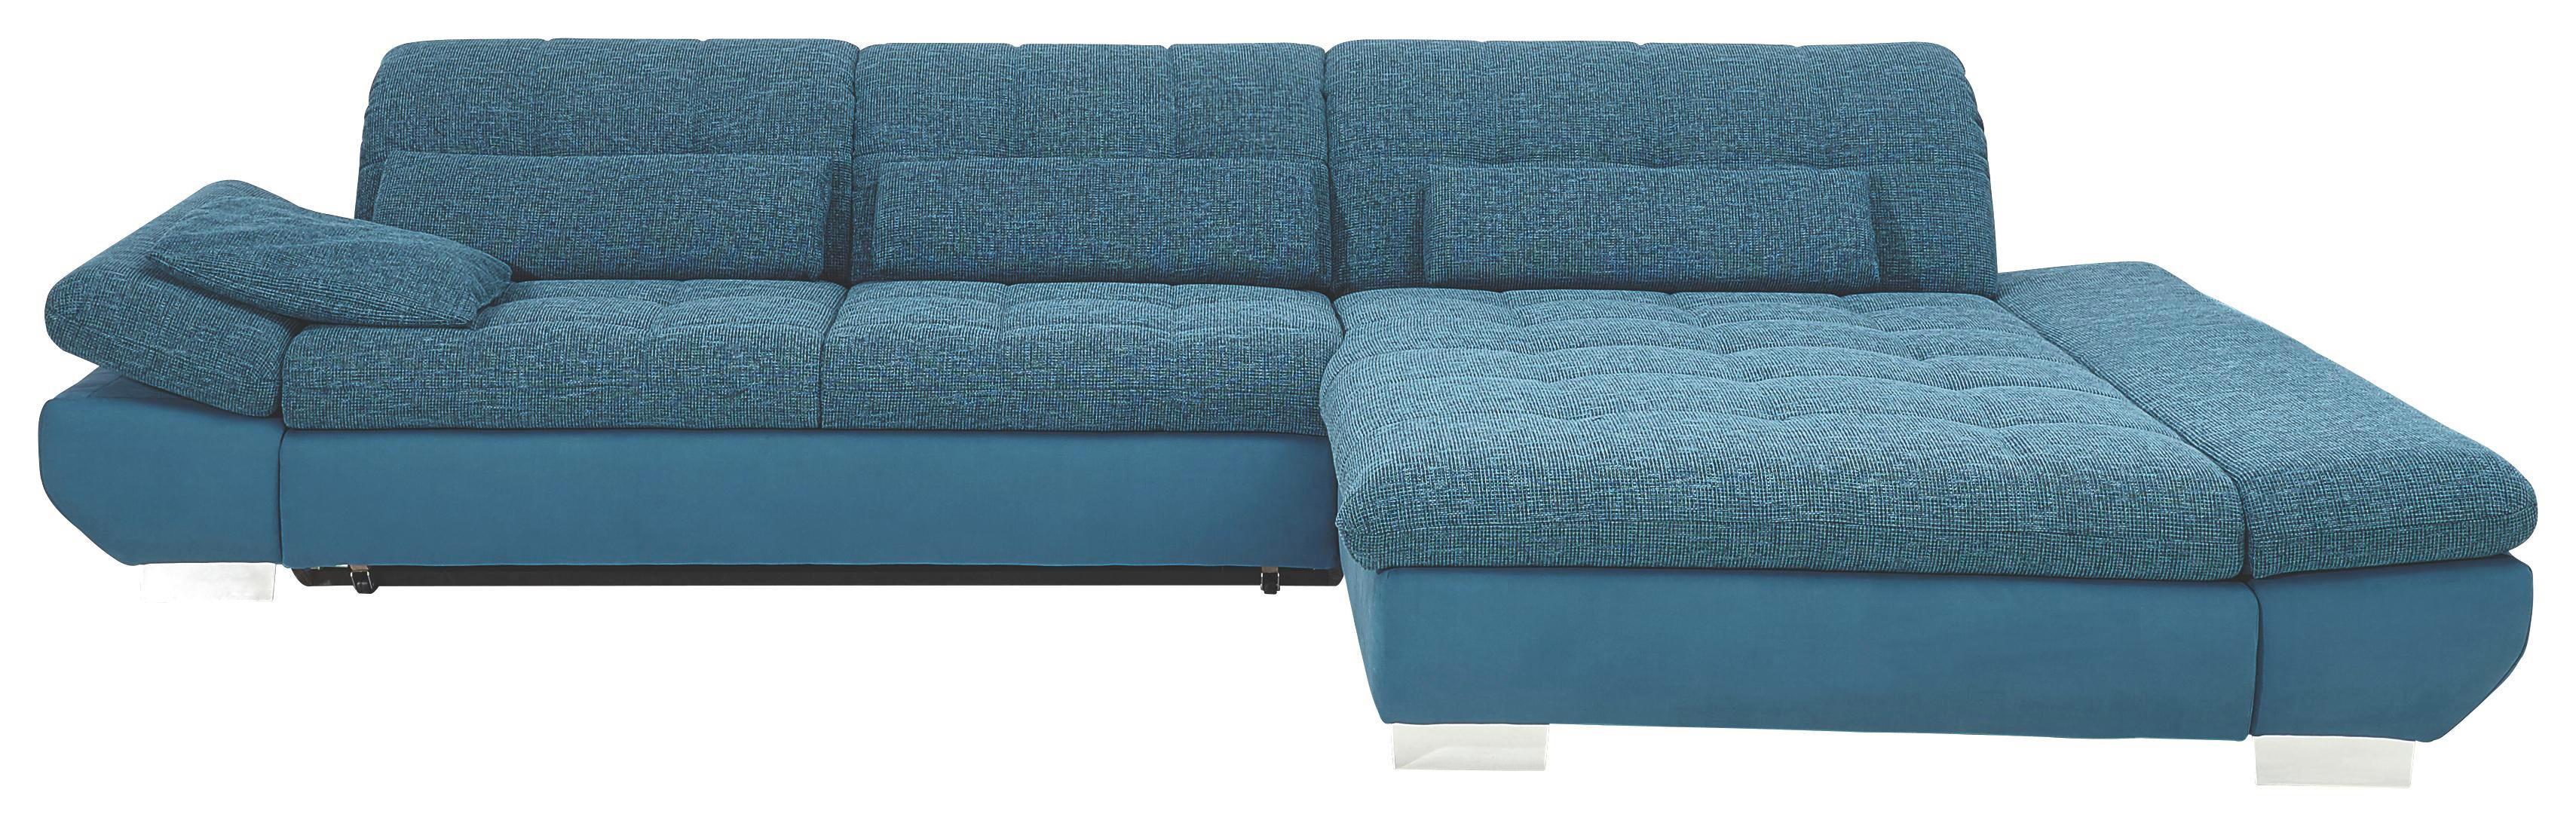 Ecksofa. Perfect Cardiff Big Sofa Xxl Ecksofa Schwarz Wei Grau With ...